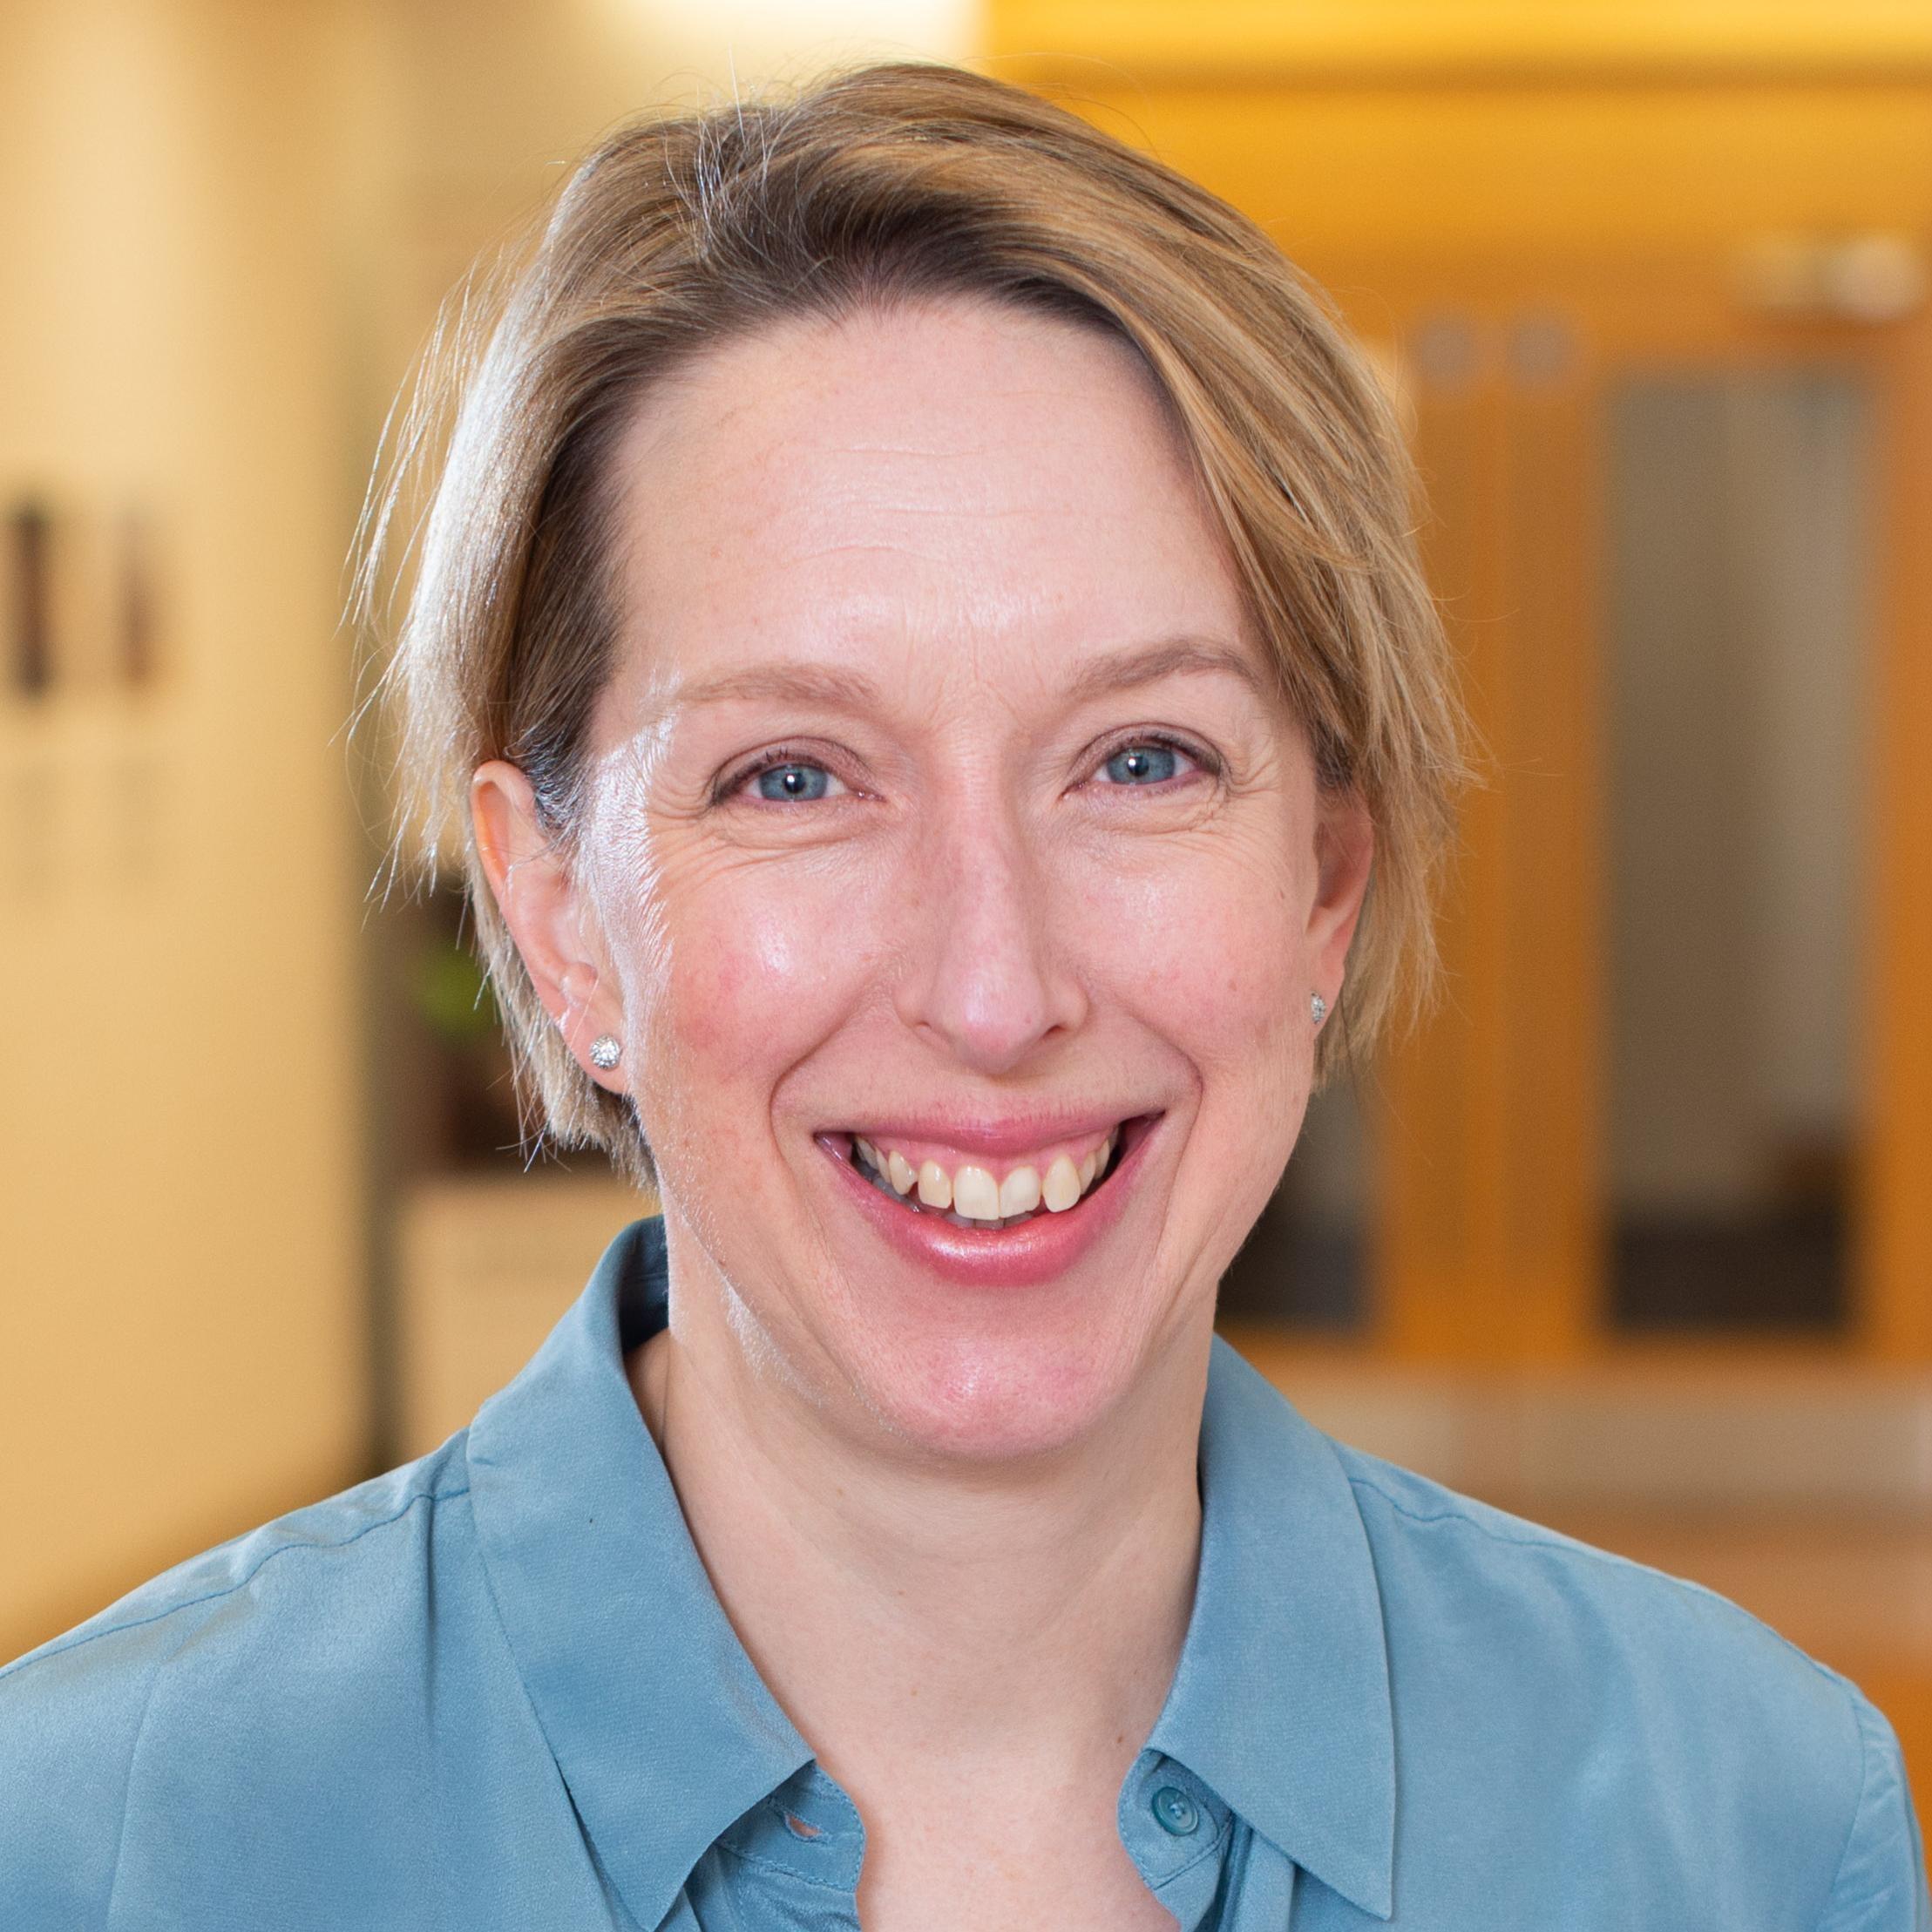 Dr Jenny Macleod